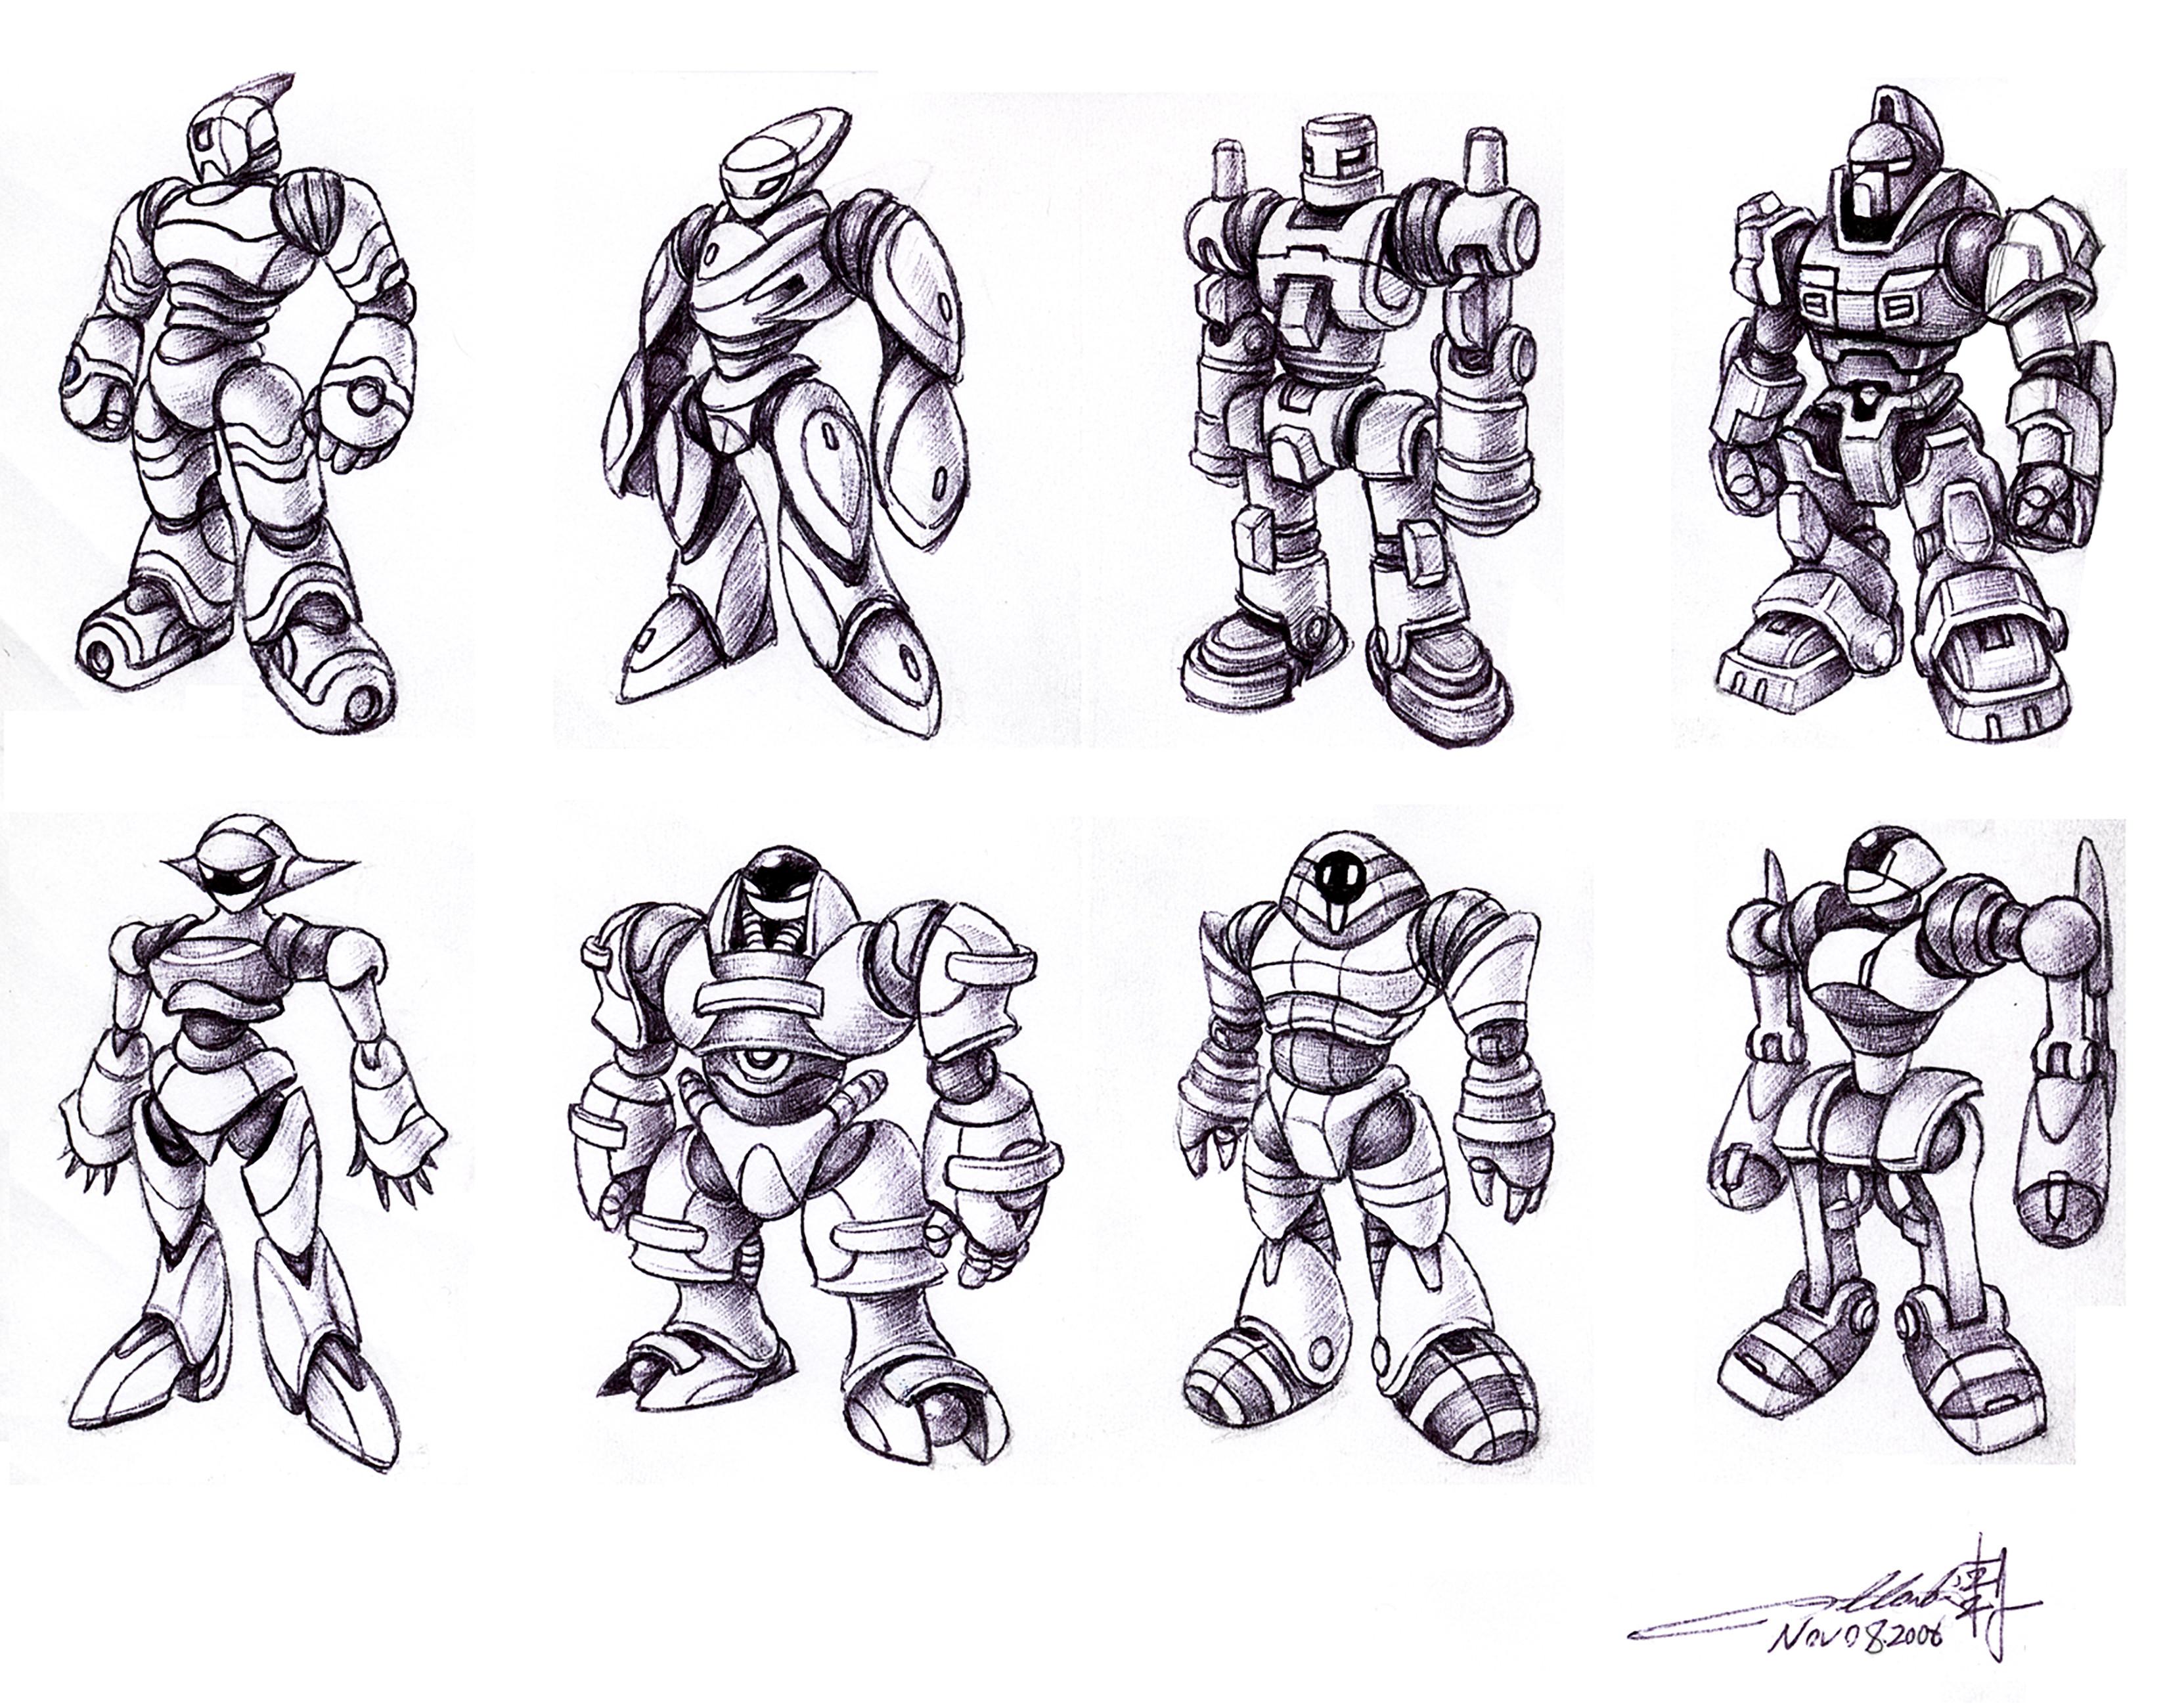 Humanoid Robotic Toy Concept III